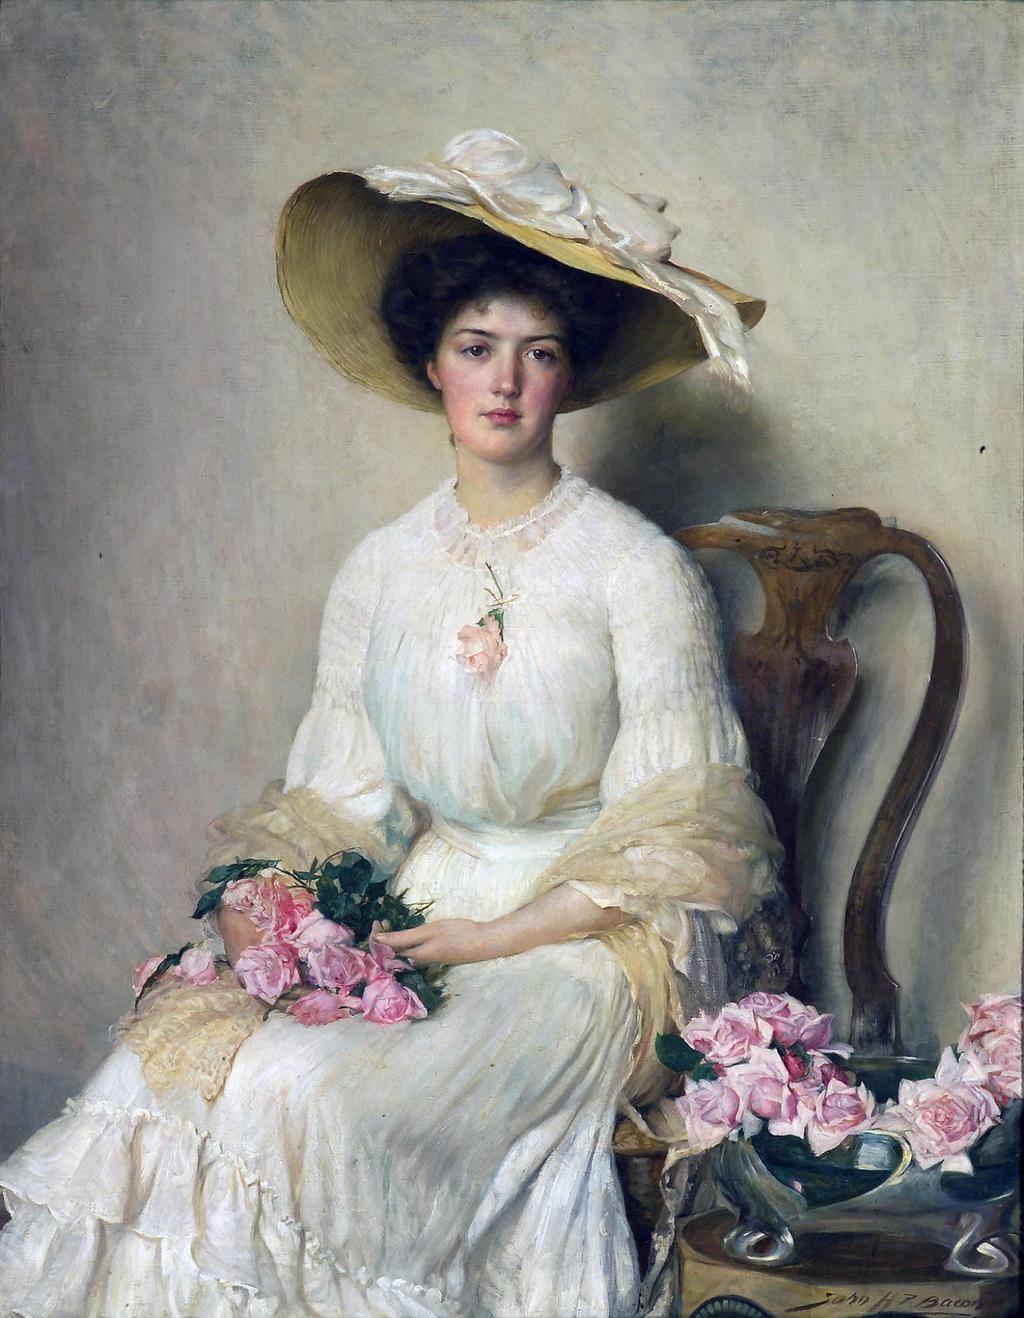 """""""Lady With Roses"""" By ~ John Henry Frederick Bacon ~ 1868 - 1914. 스며드는 빛과 일어서는 색광"""